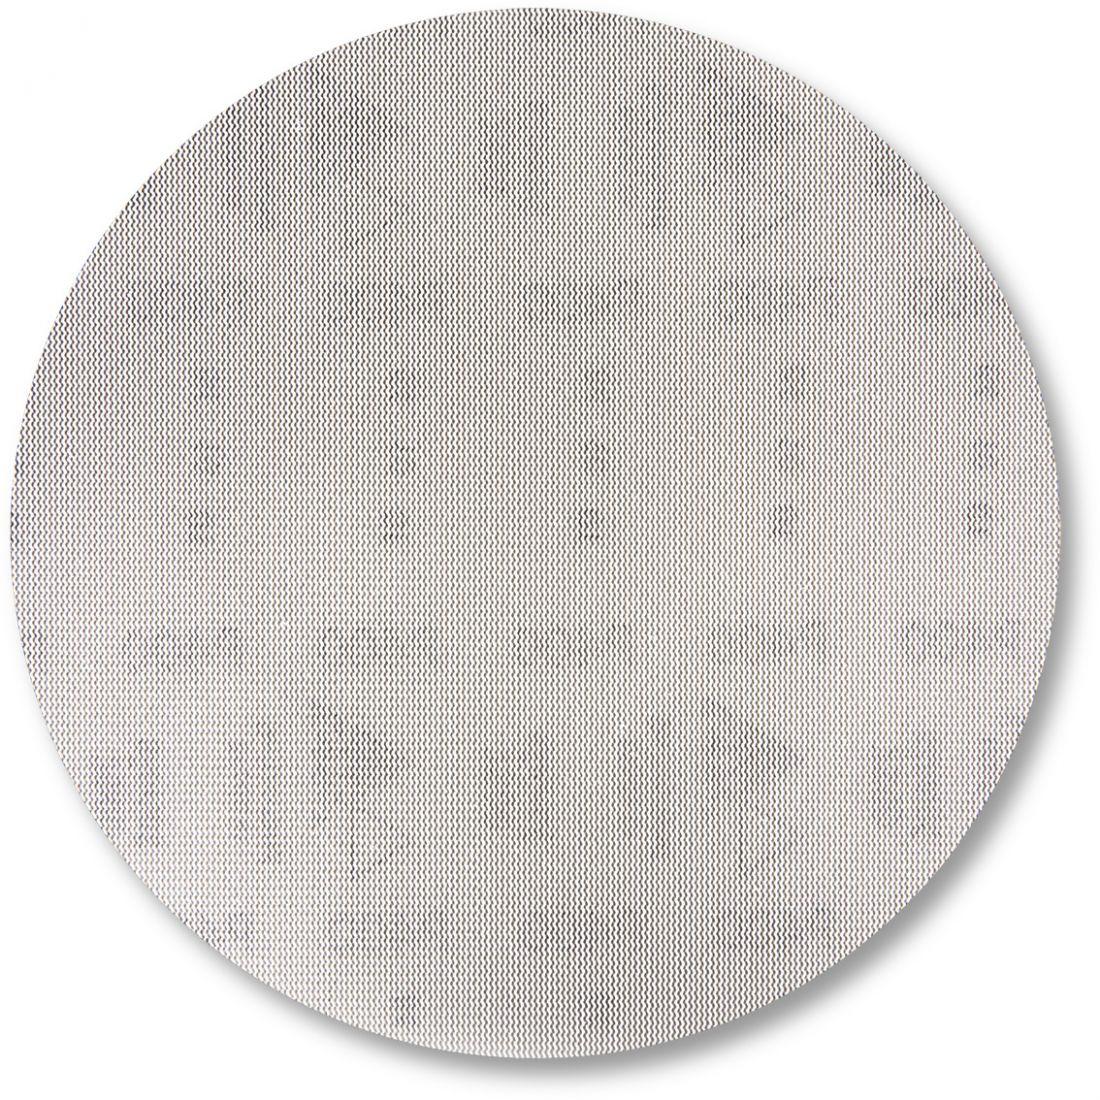 Sia 7900 Sianet Абразивные круги, 125мм., P120 сетка, (пачка 100 шт.)